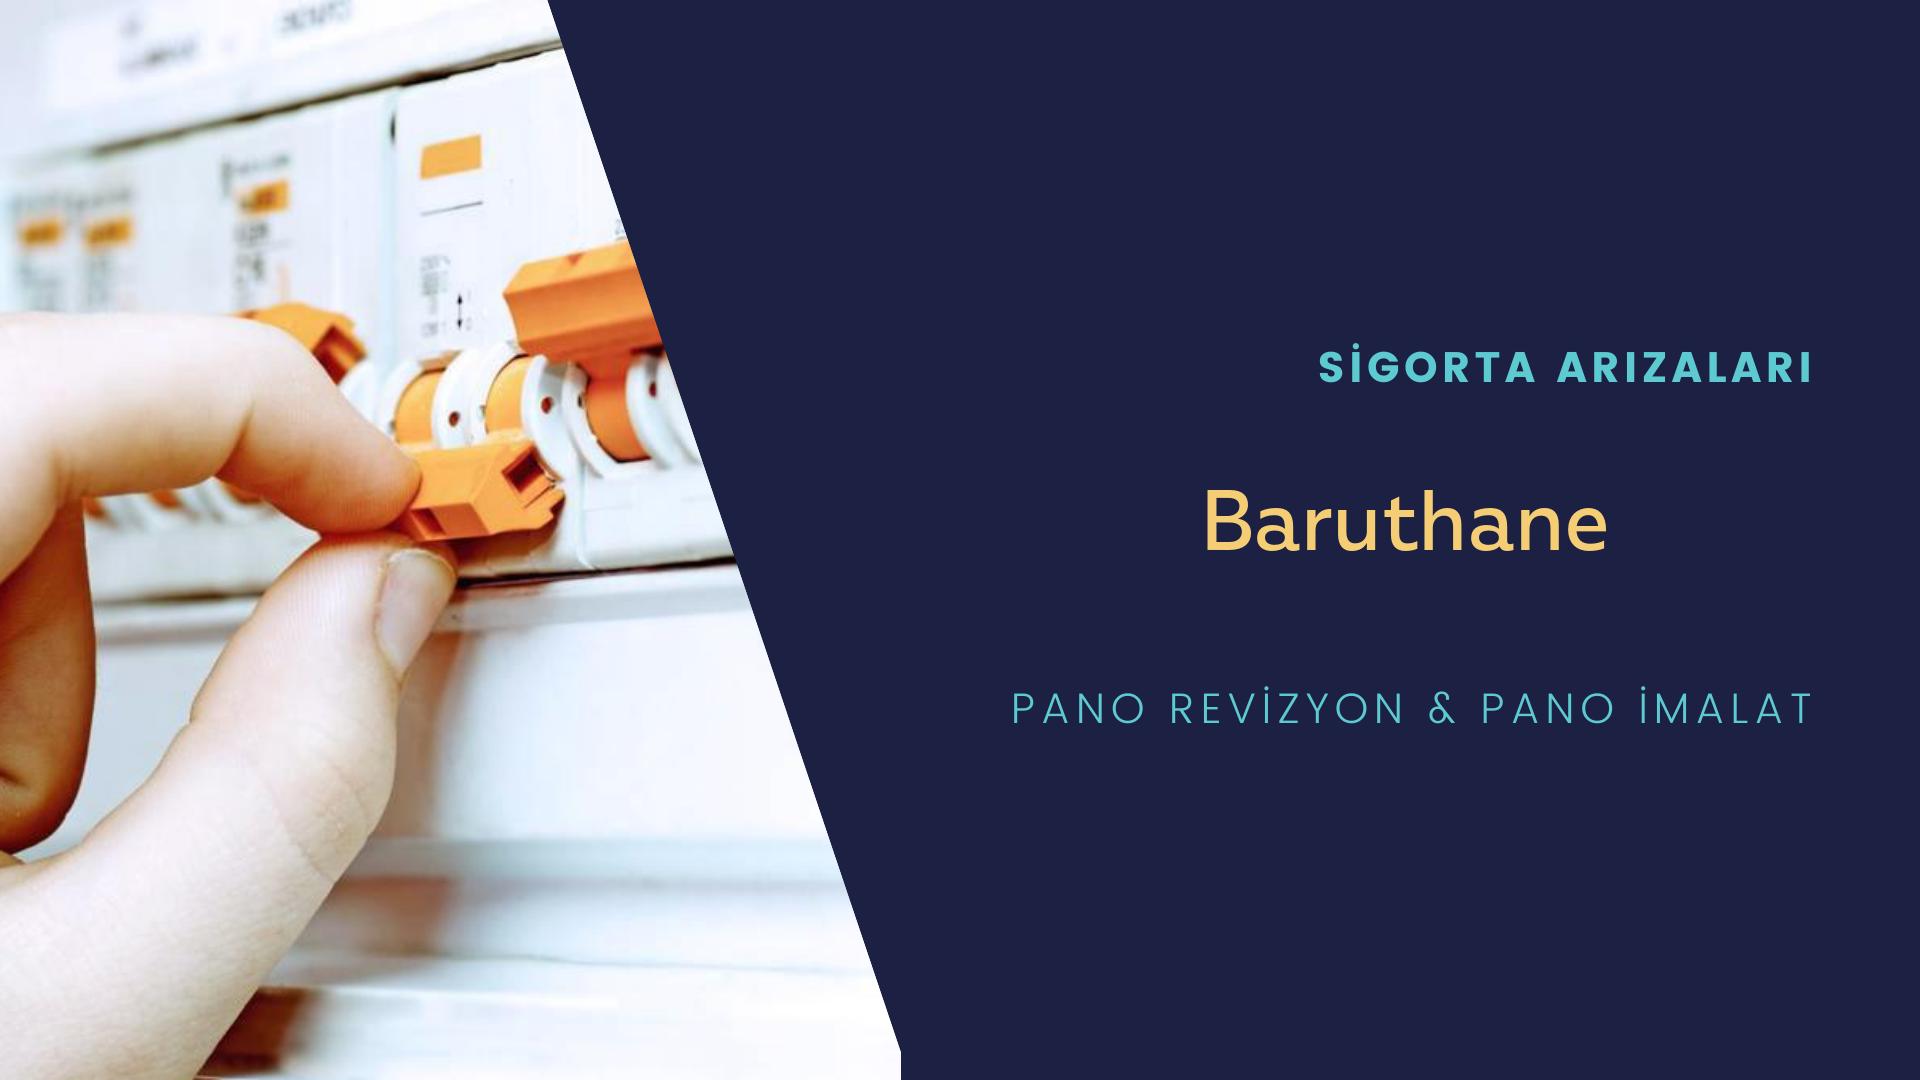 Baruthane  Sigorta Arızaları İçin Profesyonel Elektrikçi ustalarımızı dilediğiniz zaman arayabilir talepte bulunabilirsiniz.